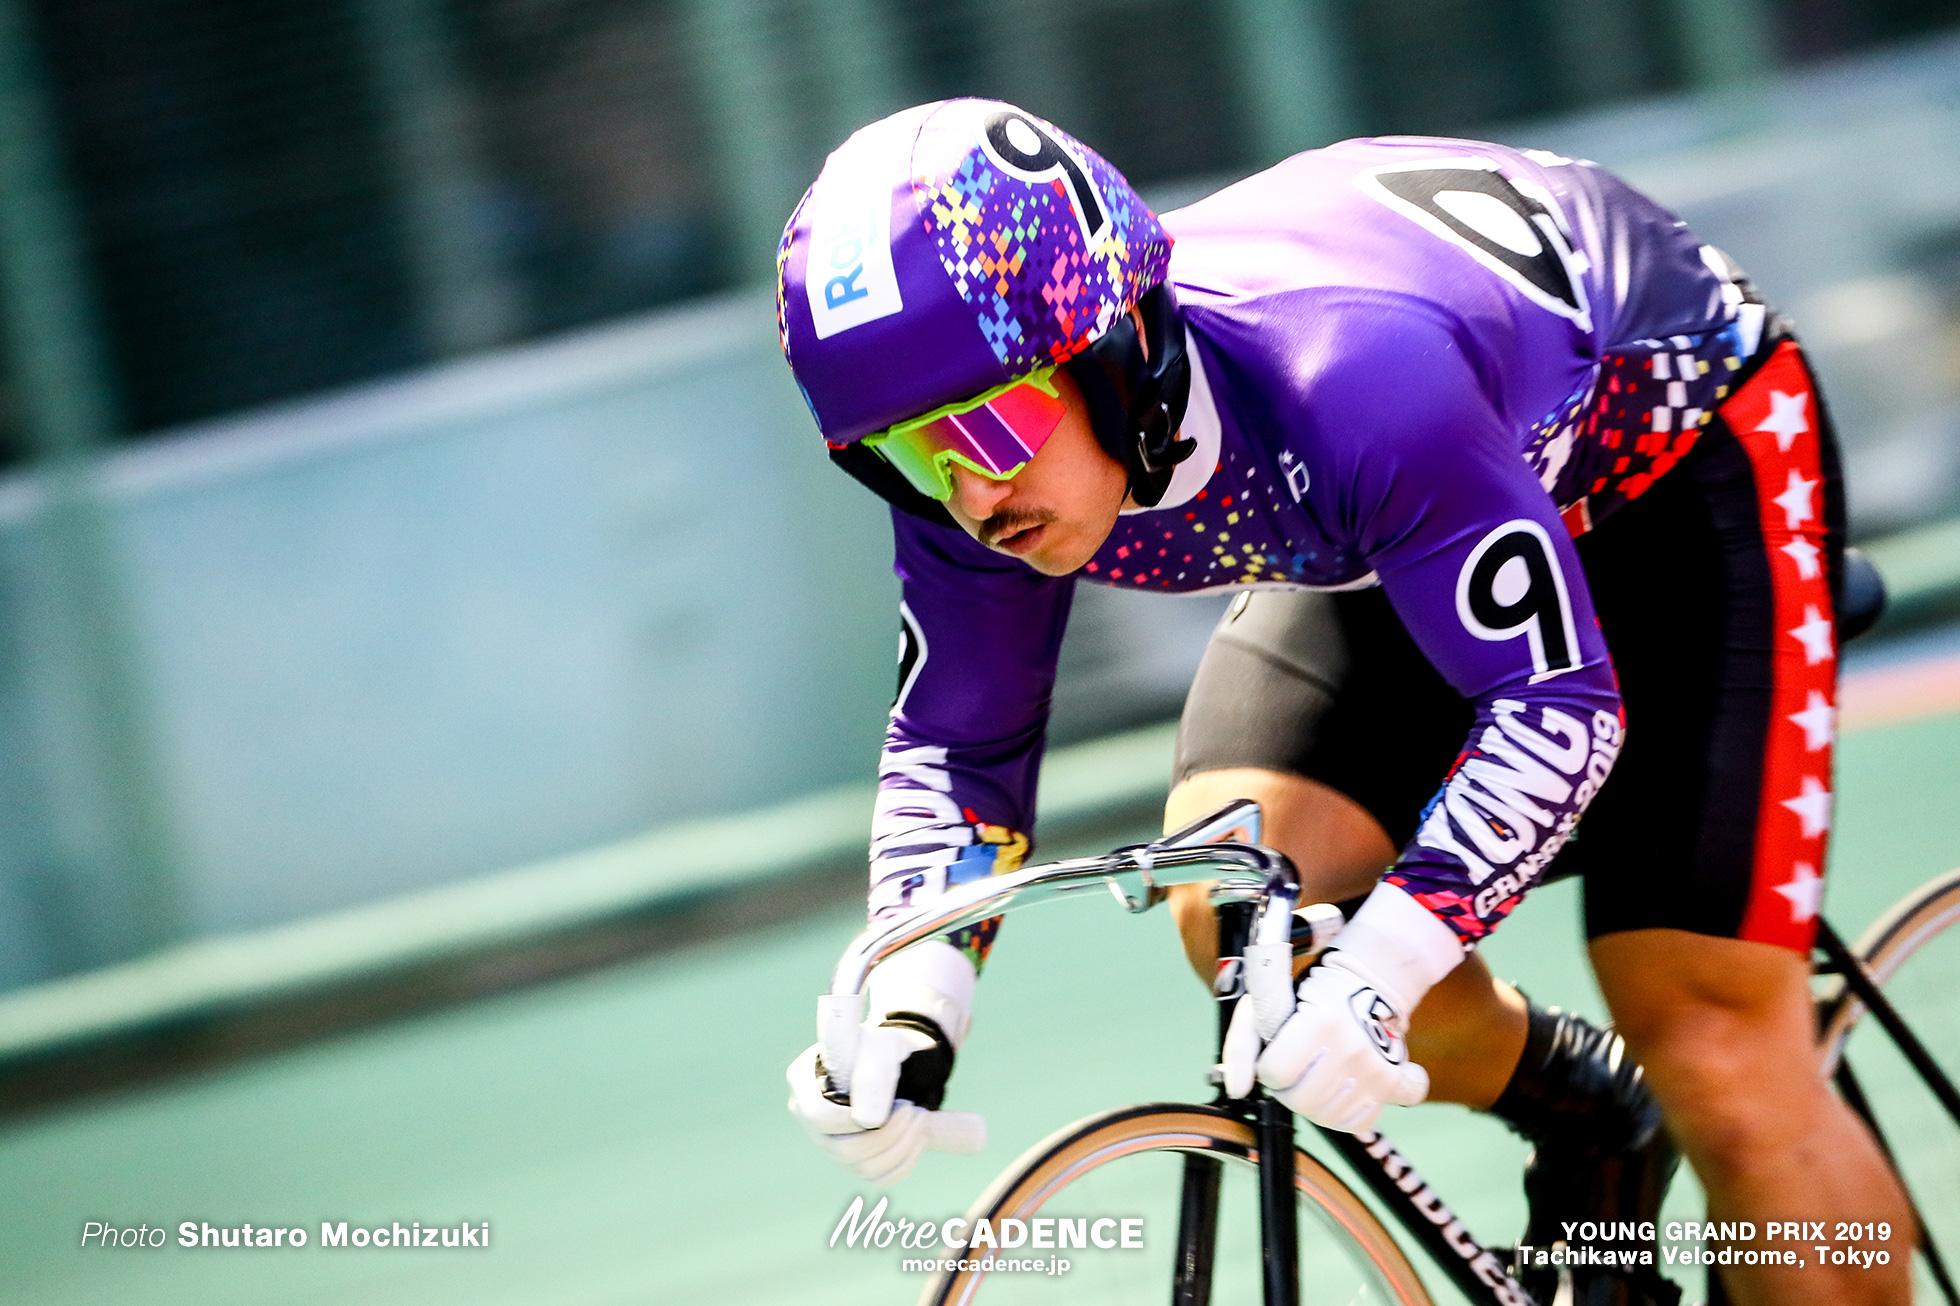 松井宏佑 KEIRINグランプリ2019 ヤンググランプリ